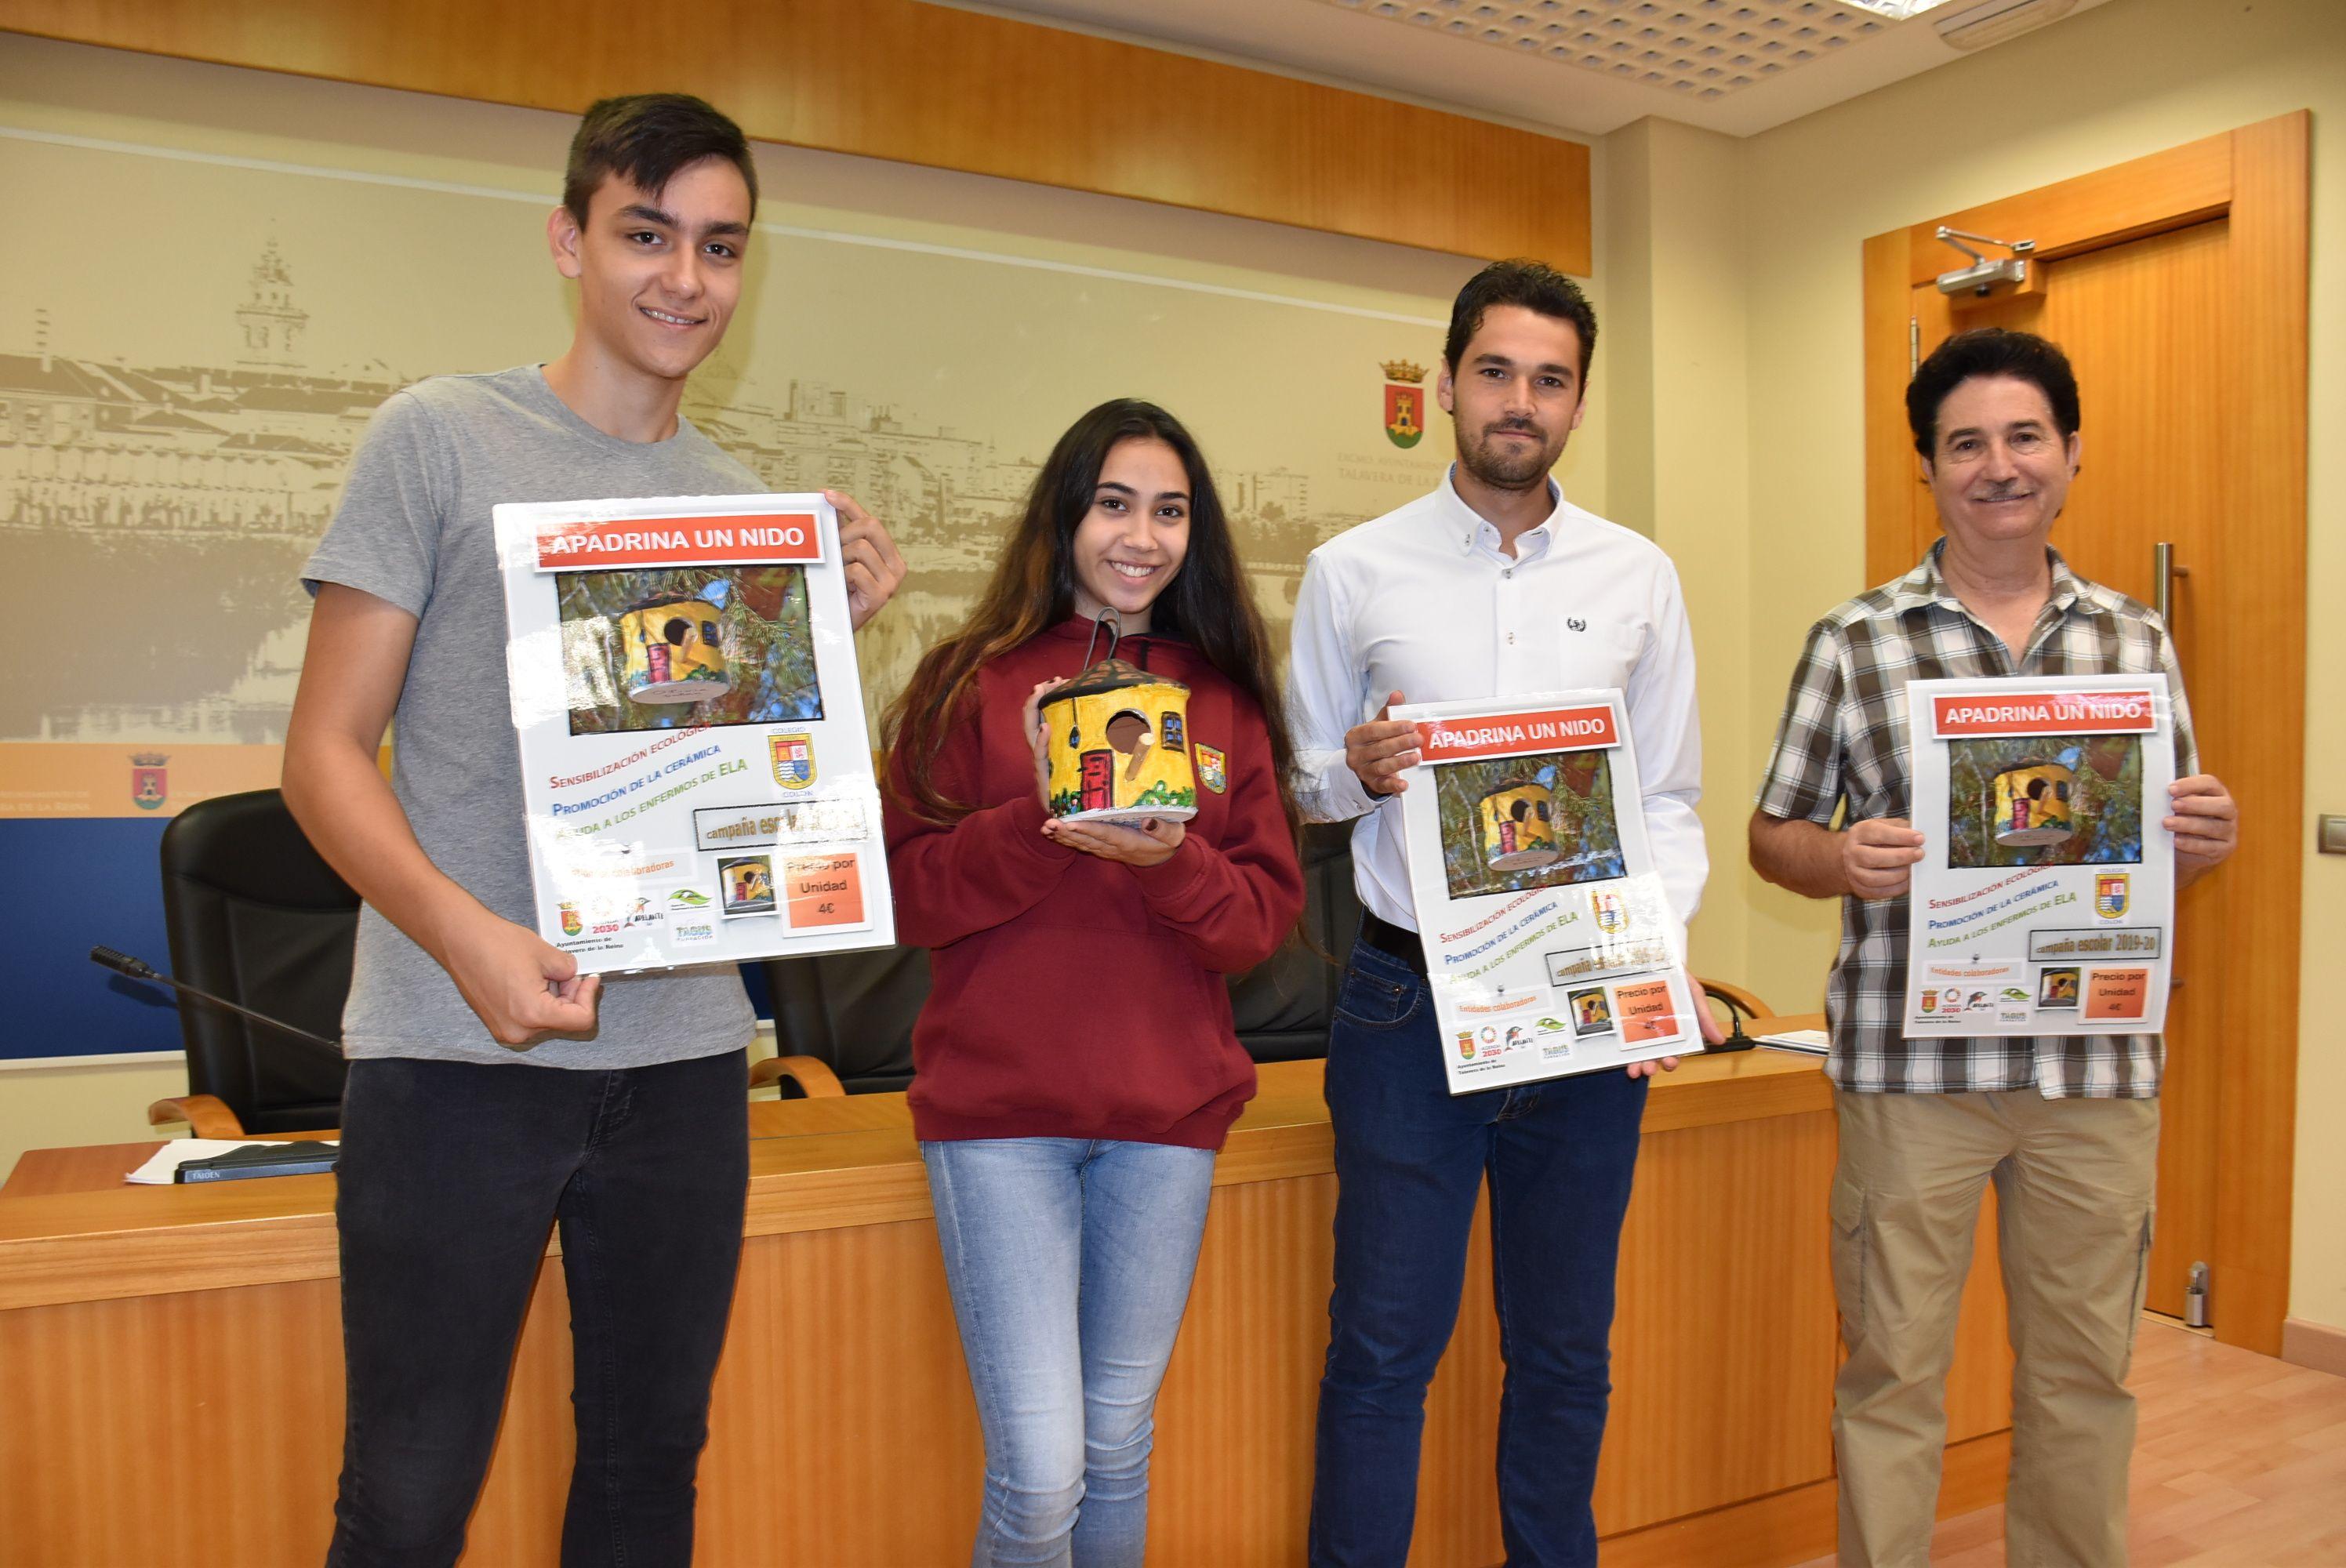 El Consistorio apoya la campaña 'Apadrina un nido' y su doble finalidad medioambiental y de control de plagas y de solidaridad con la Asociación AdELAnte